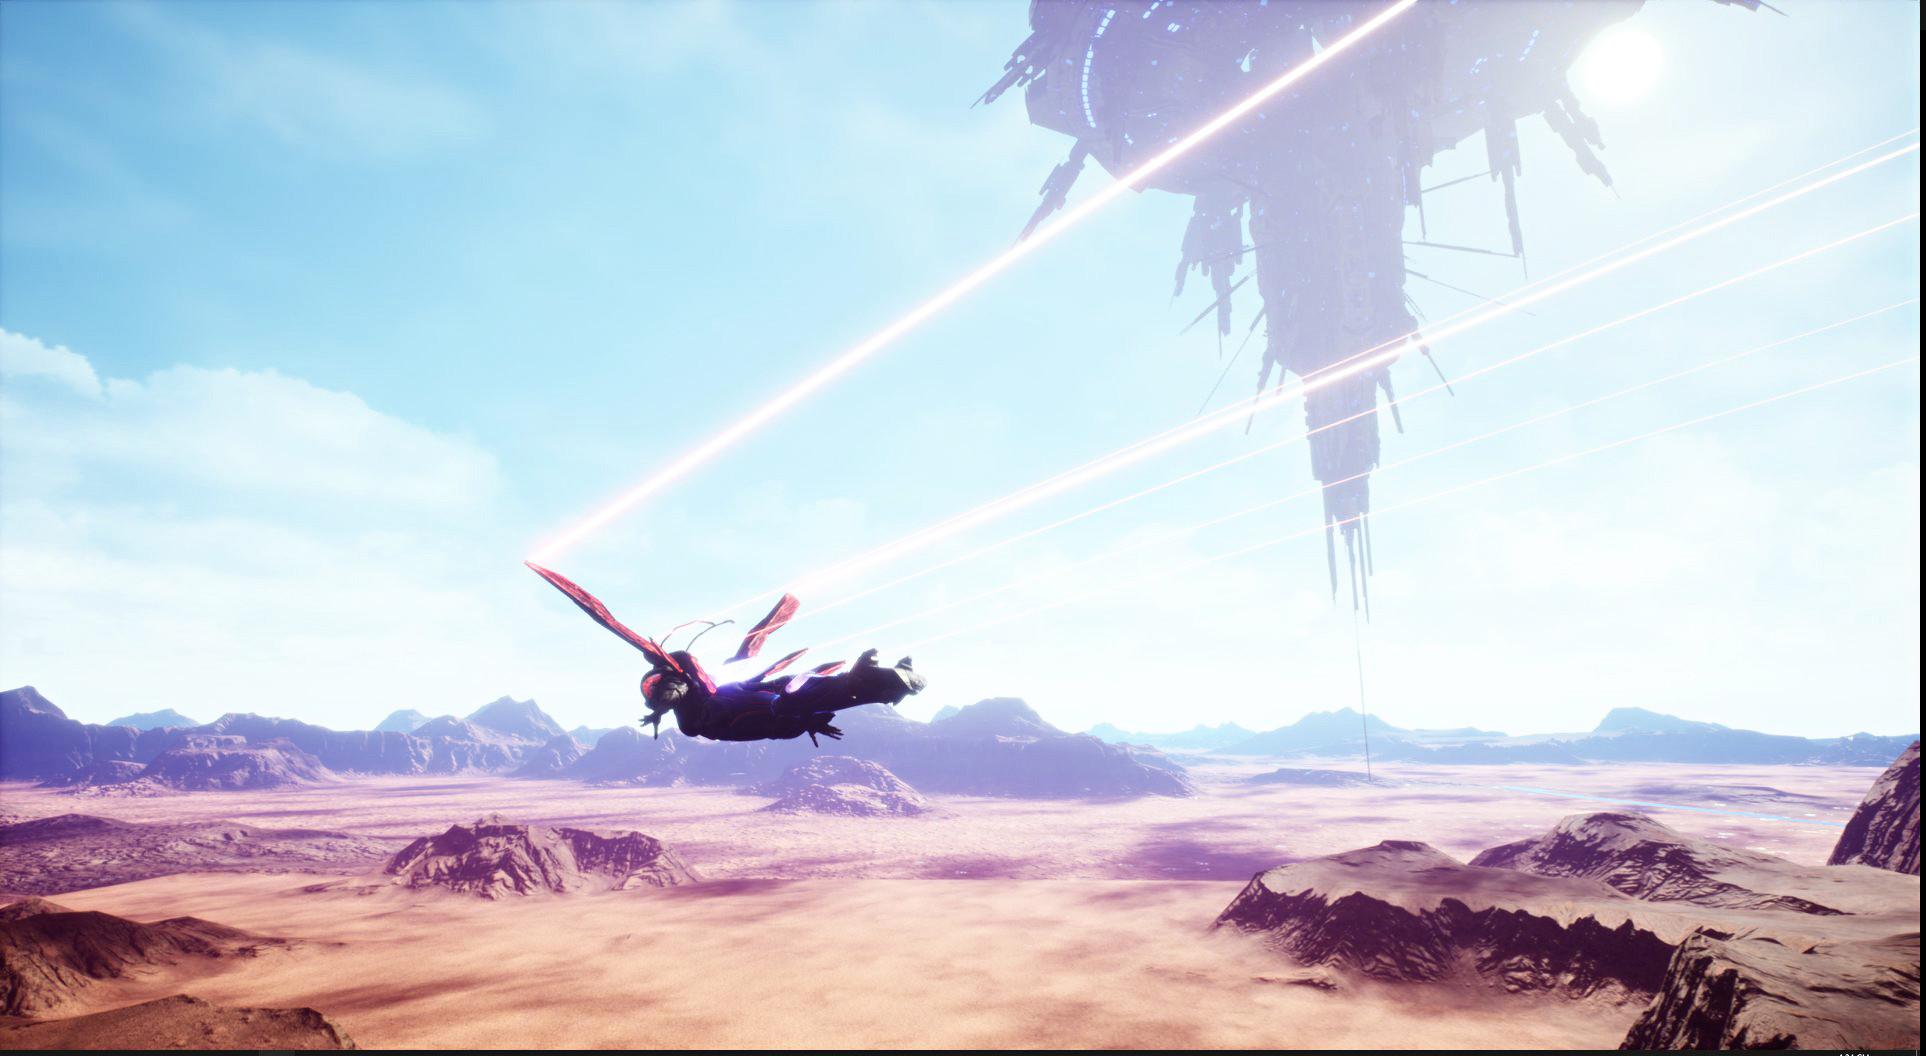 Over desert